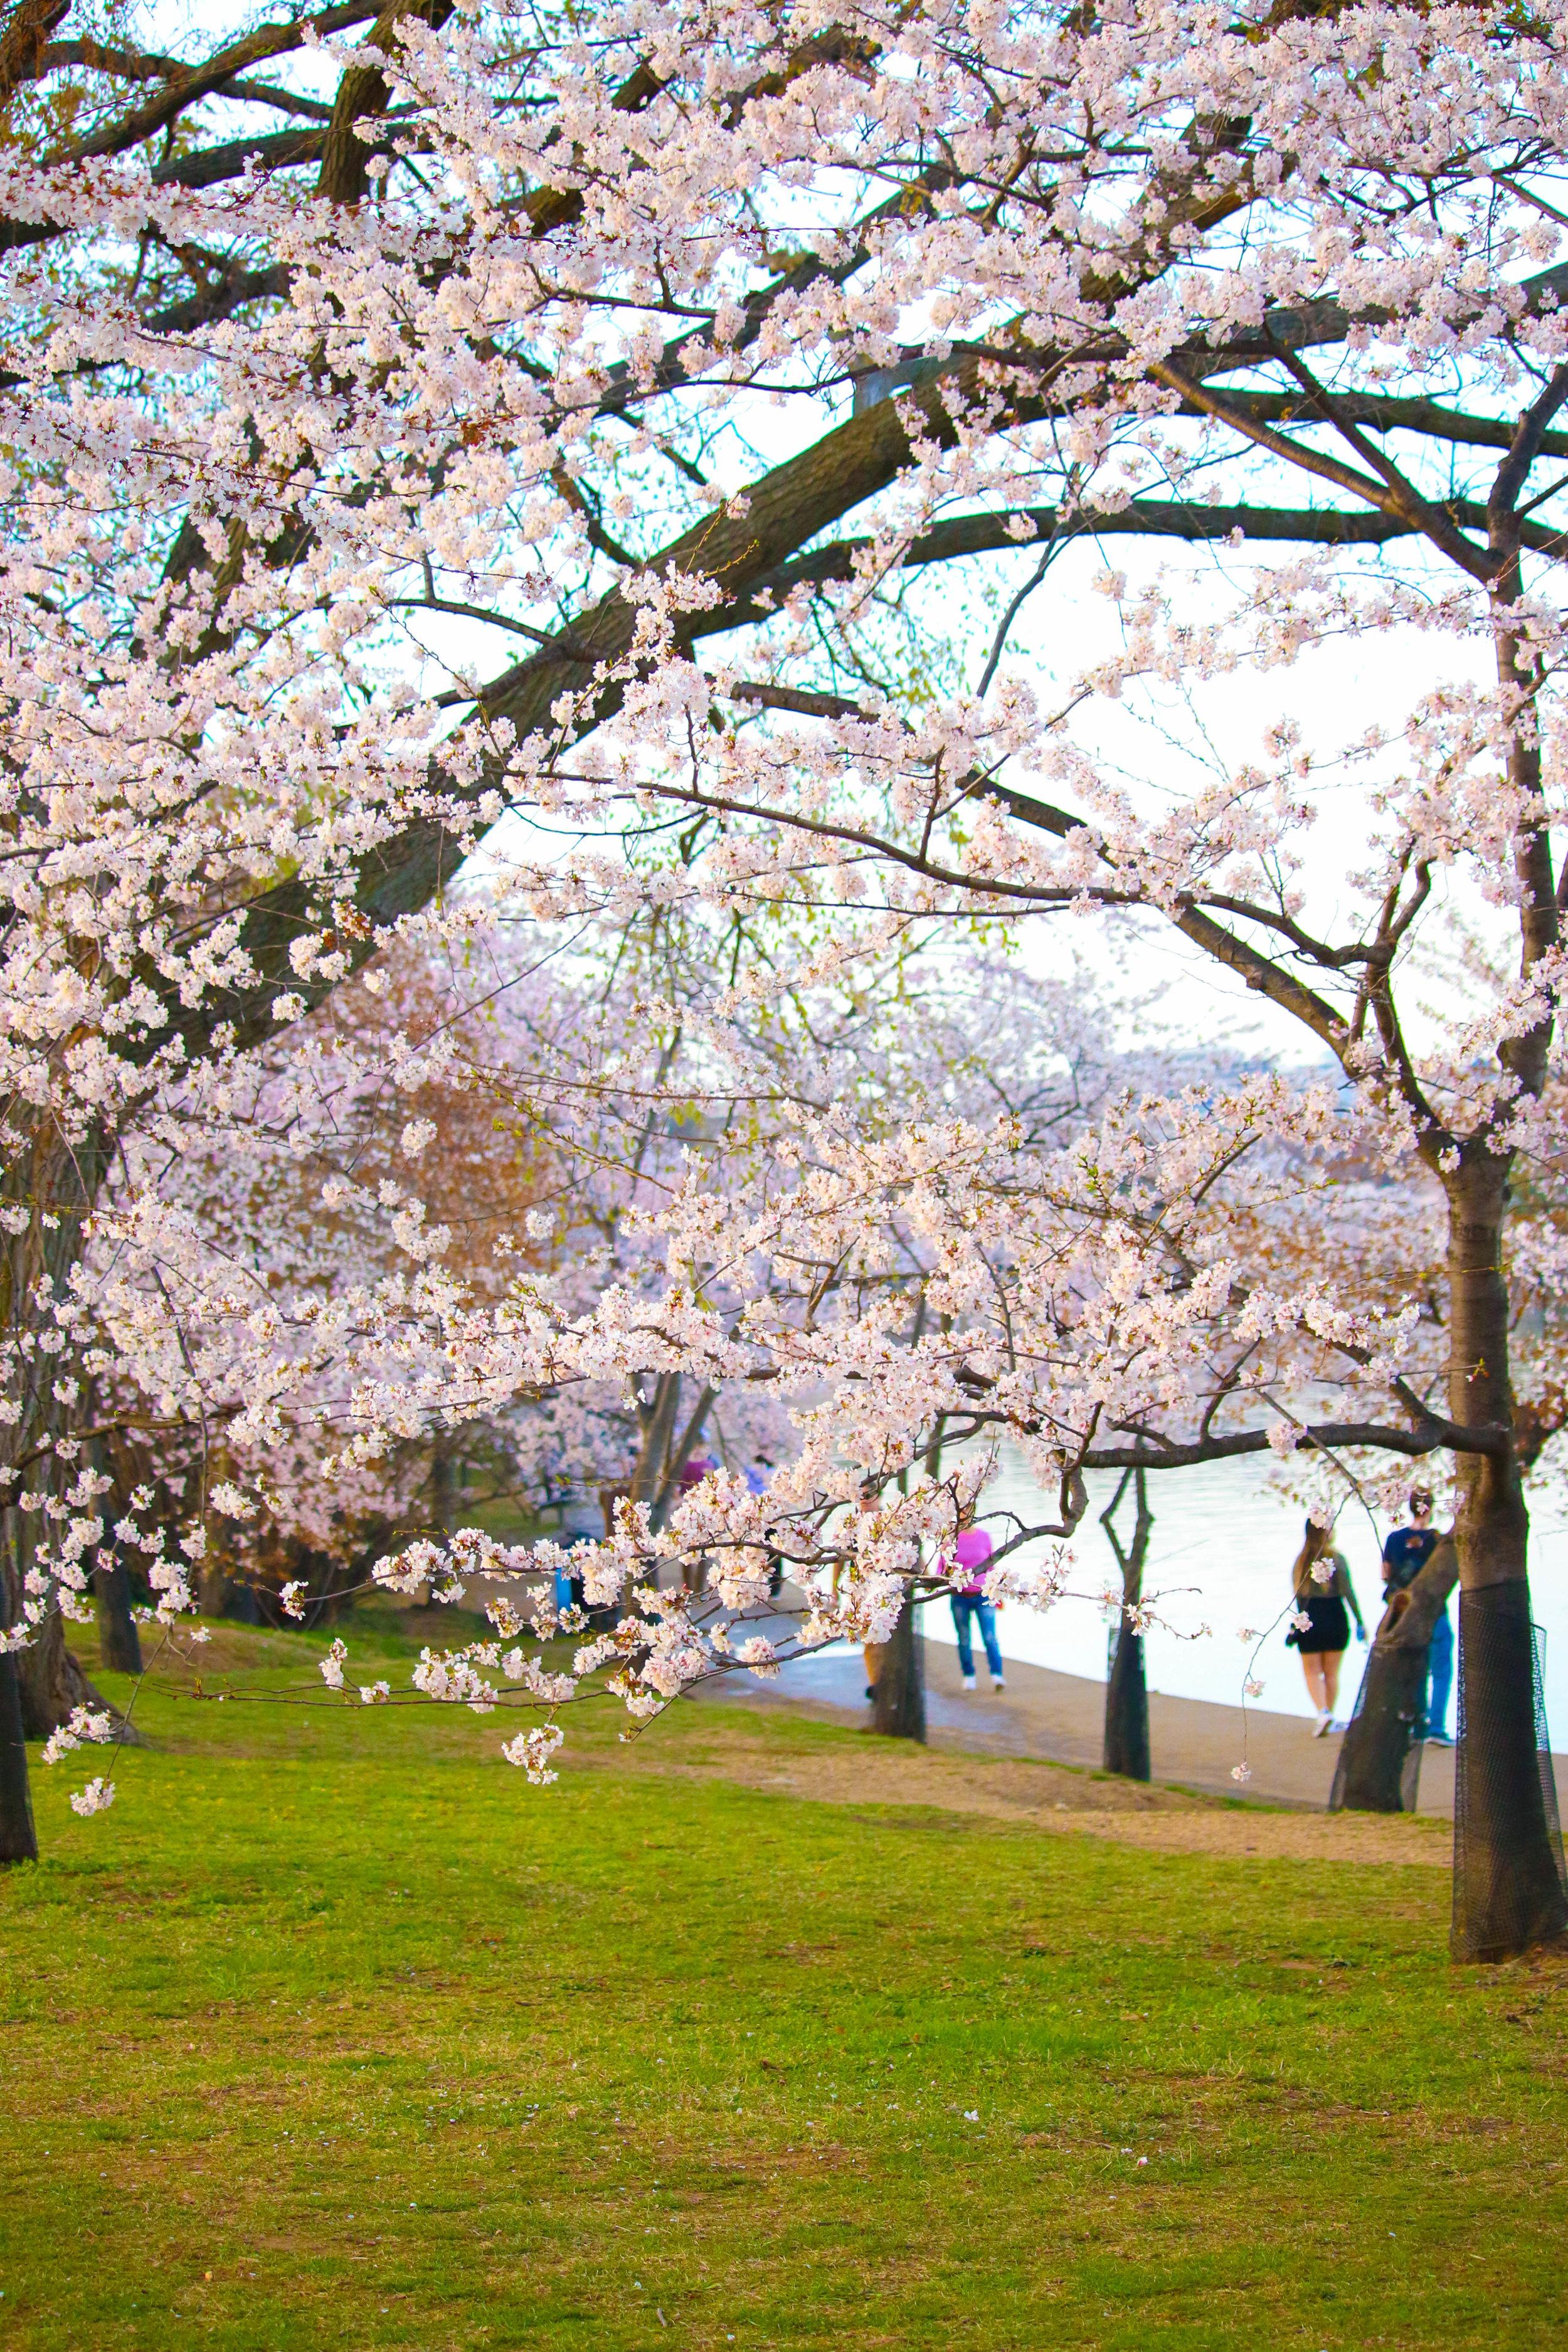 Washington, DC,  photo by me